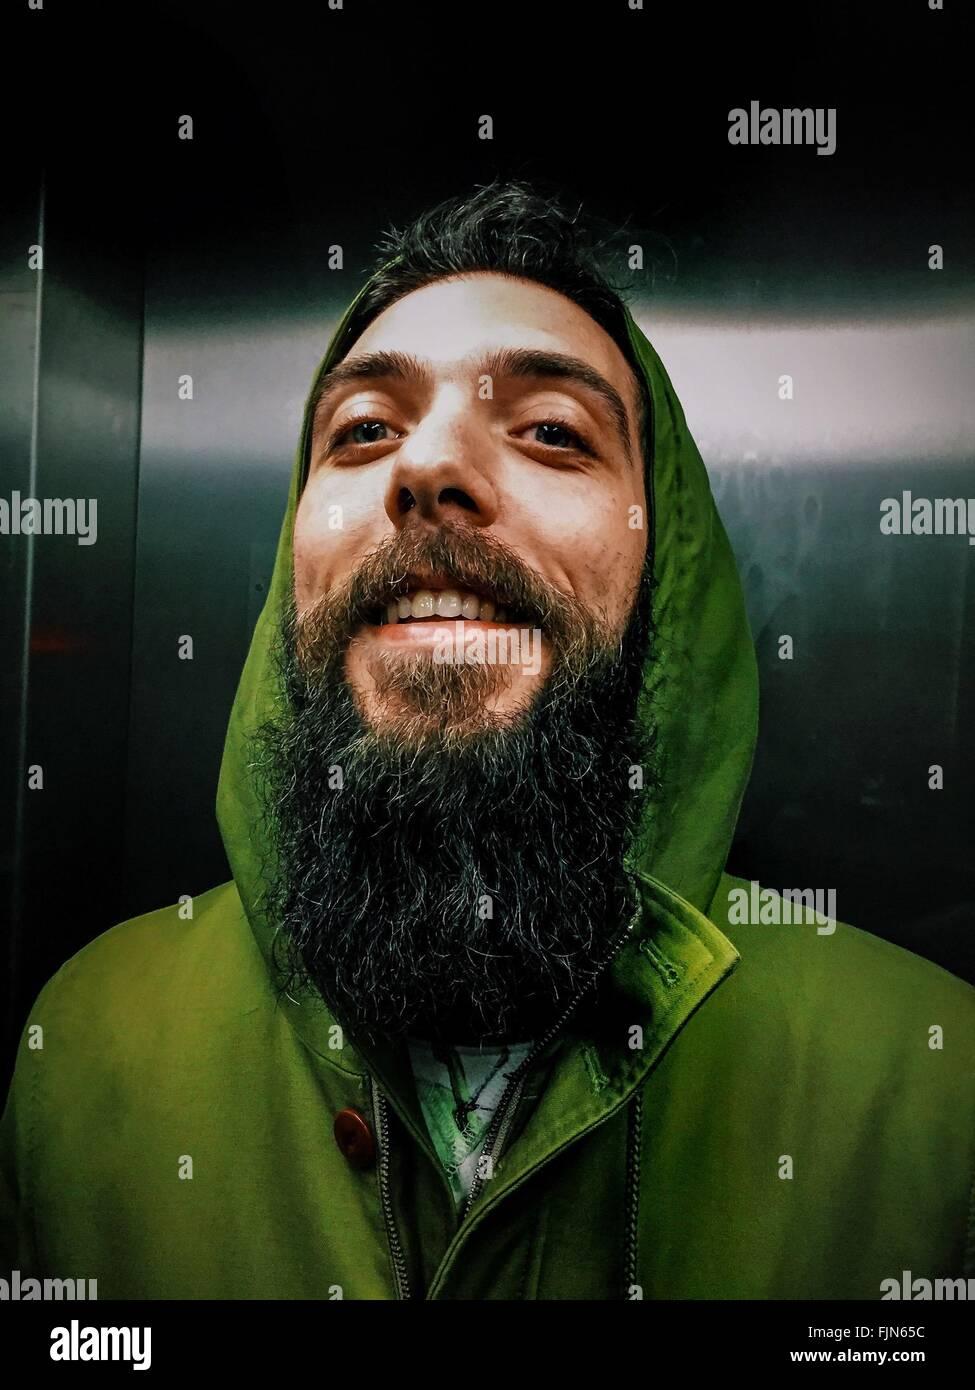 Alegre hombre joven con barba larga en el elevador Imagen De Stock